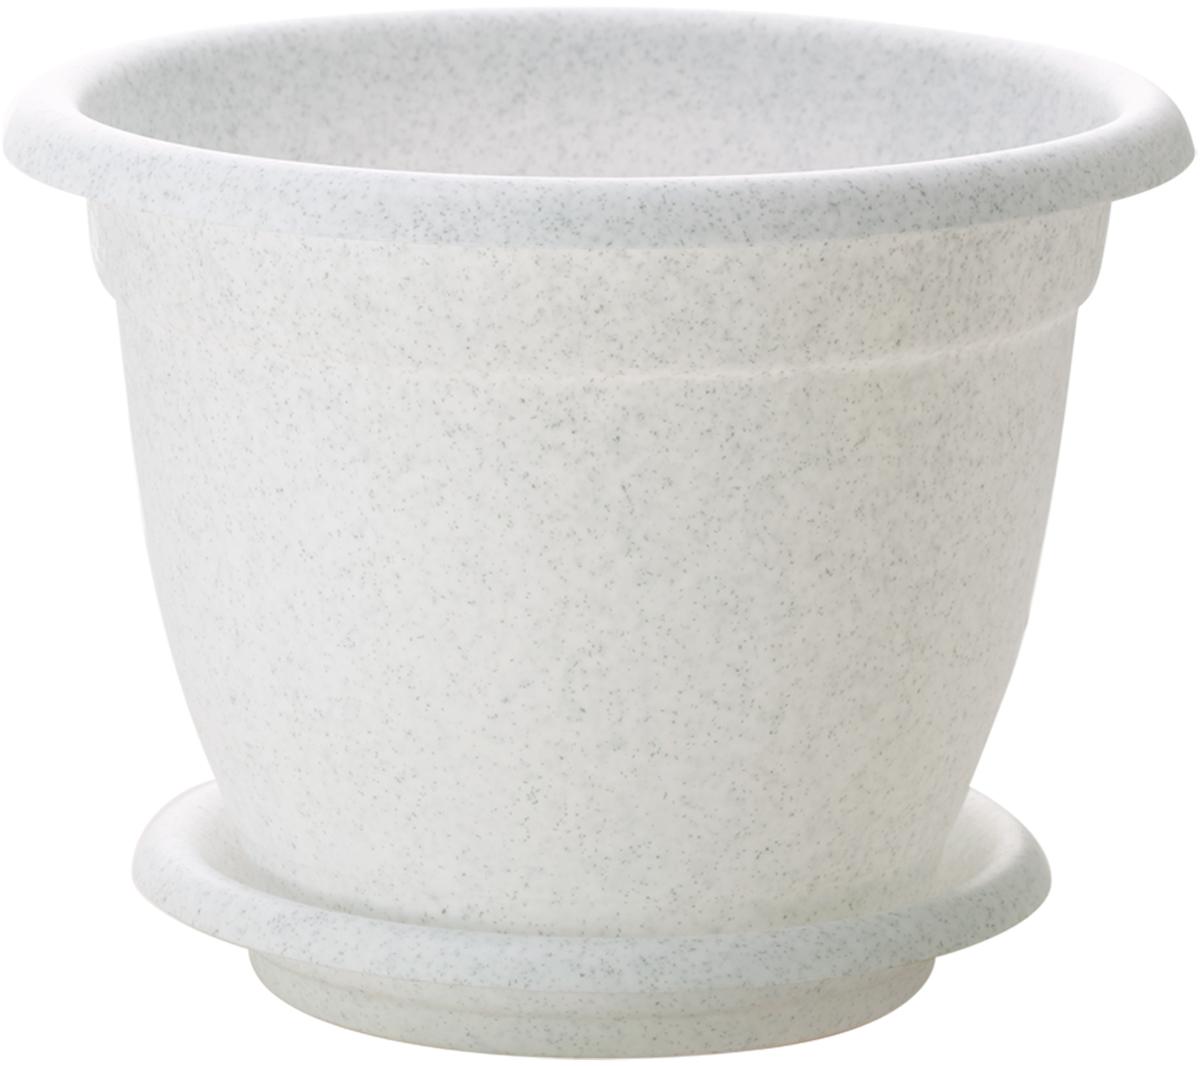 Горшок для цветов InGreen Борнео, с поддоном, цвет: мраморный, диаметр 21 см поддон для балконного ящика ingreen цвет белый длина 60 см